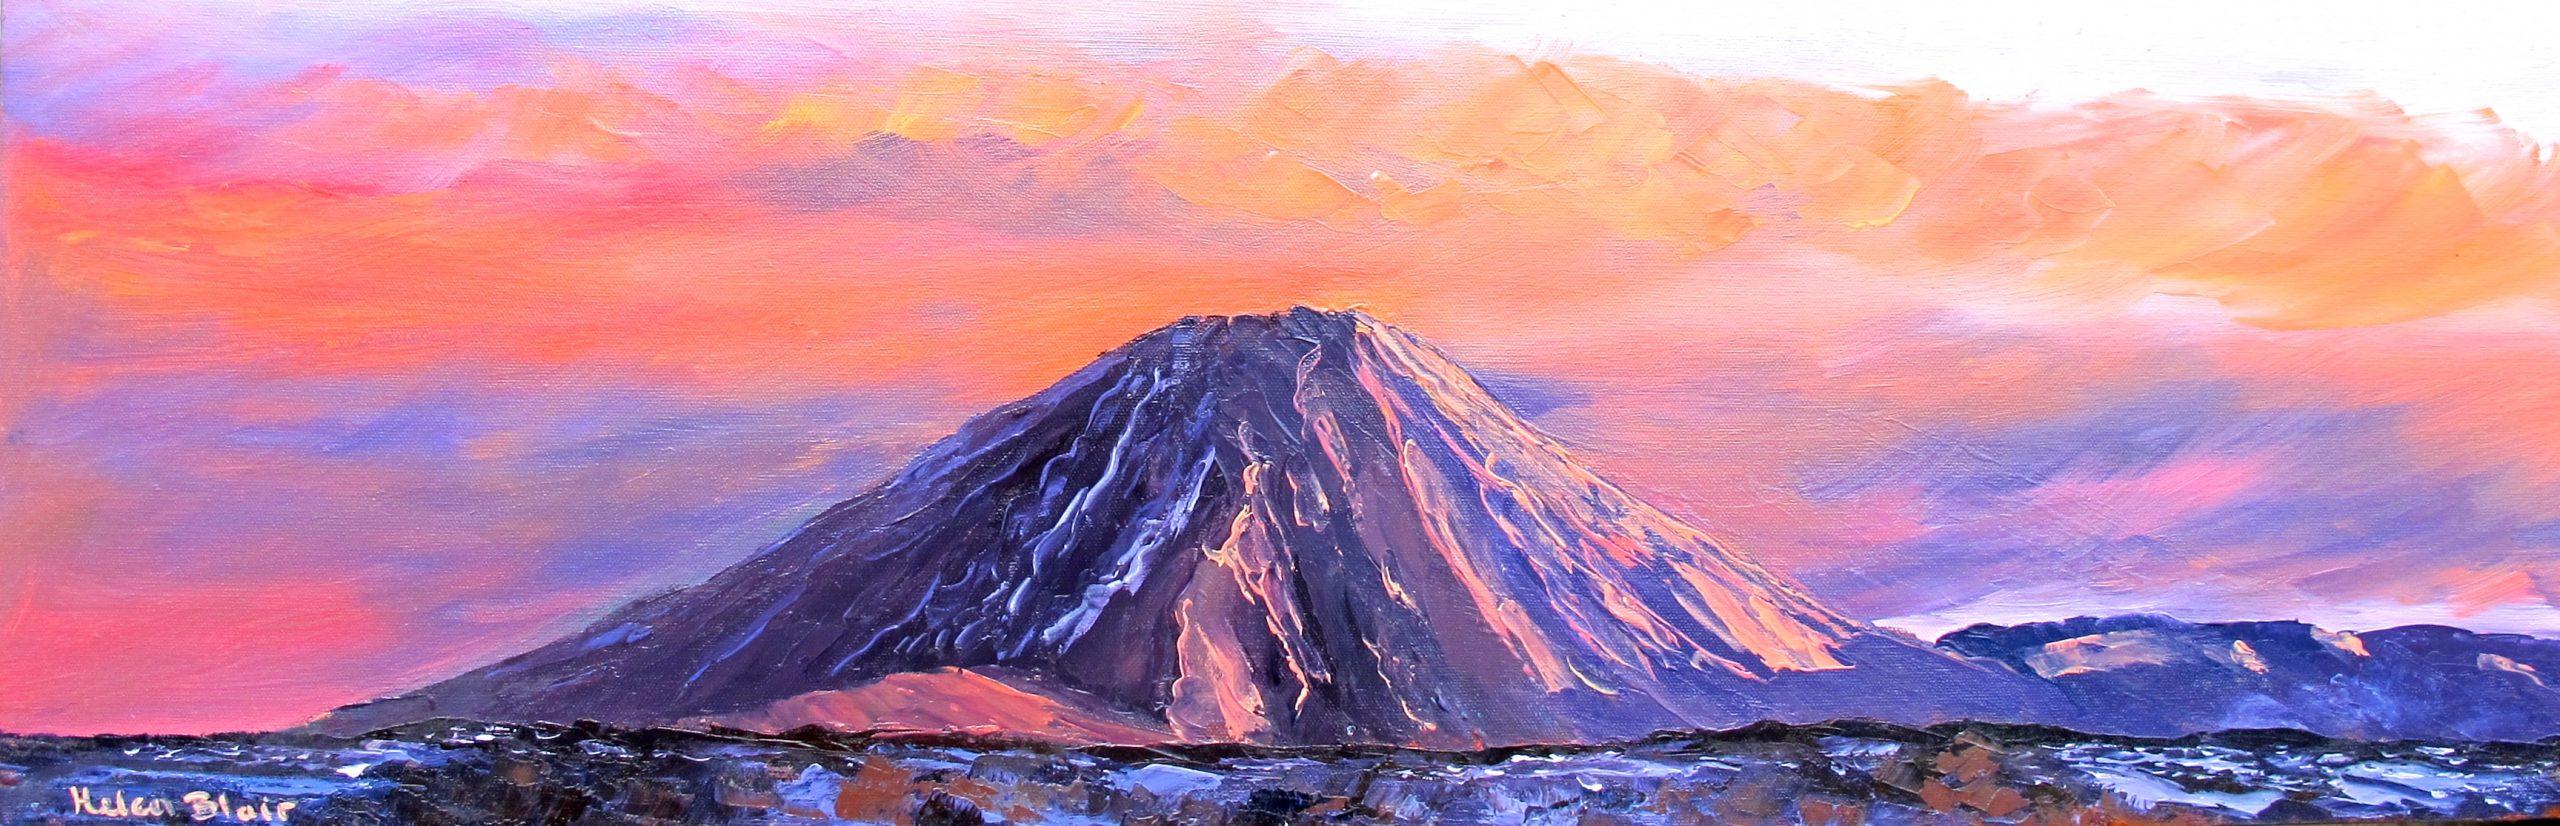 Mt Ngauruhoe, helenblairsart